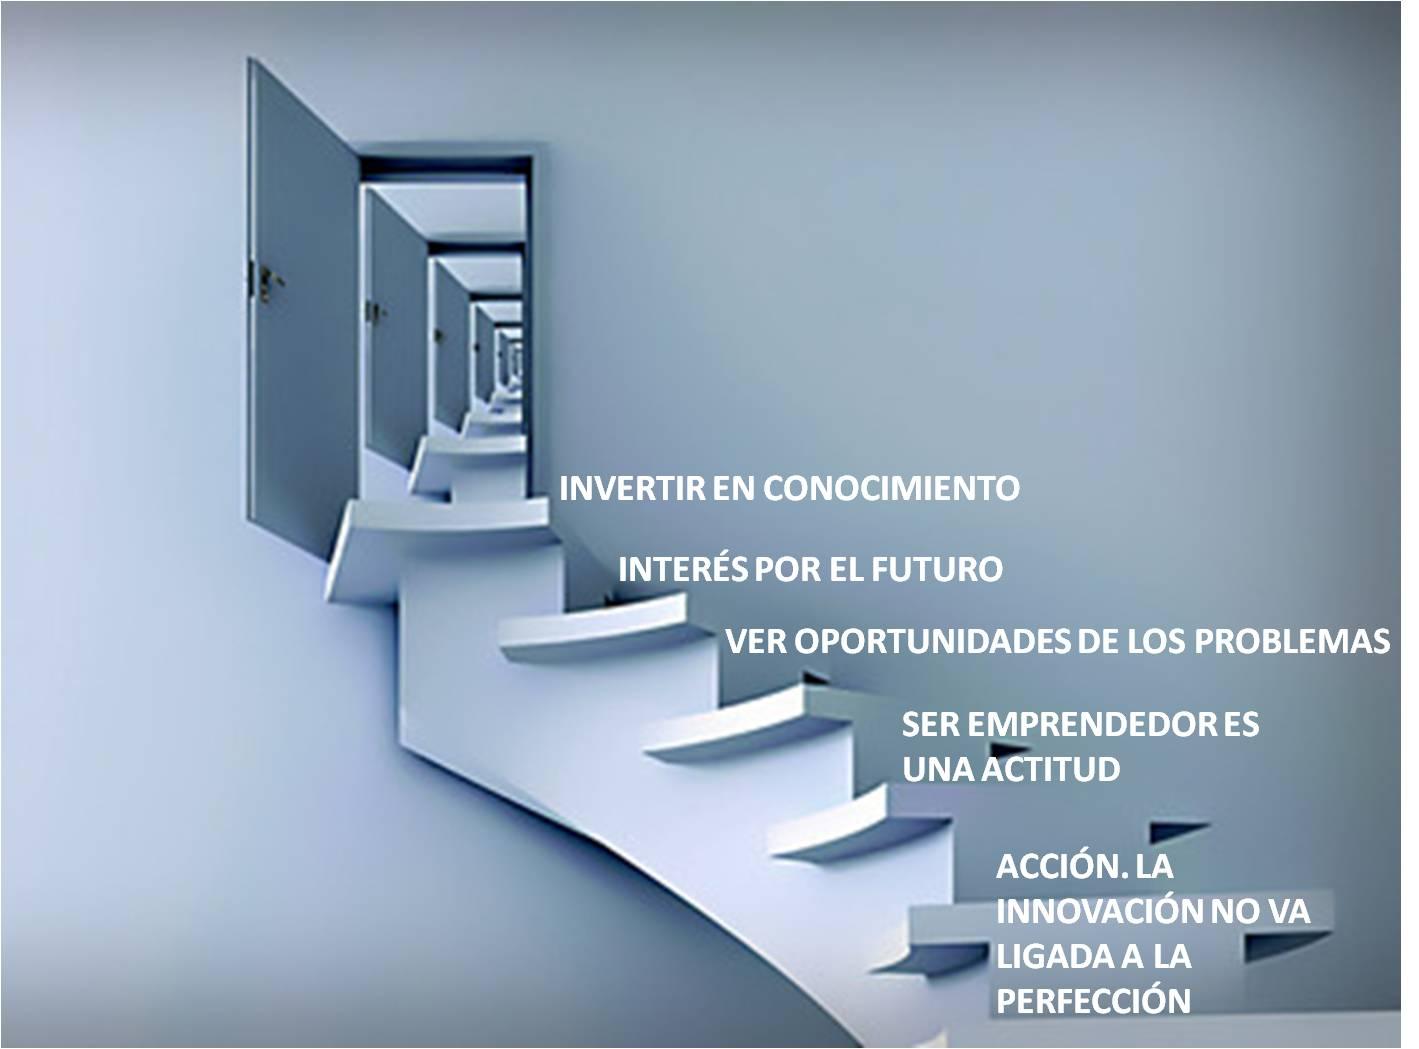 Neuroliderazgo-NeuroCoaching-Ejecutivo-Sistémico-Piezas-Pensamiento-Transversal-Marité-Rodríguez